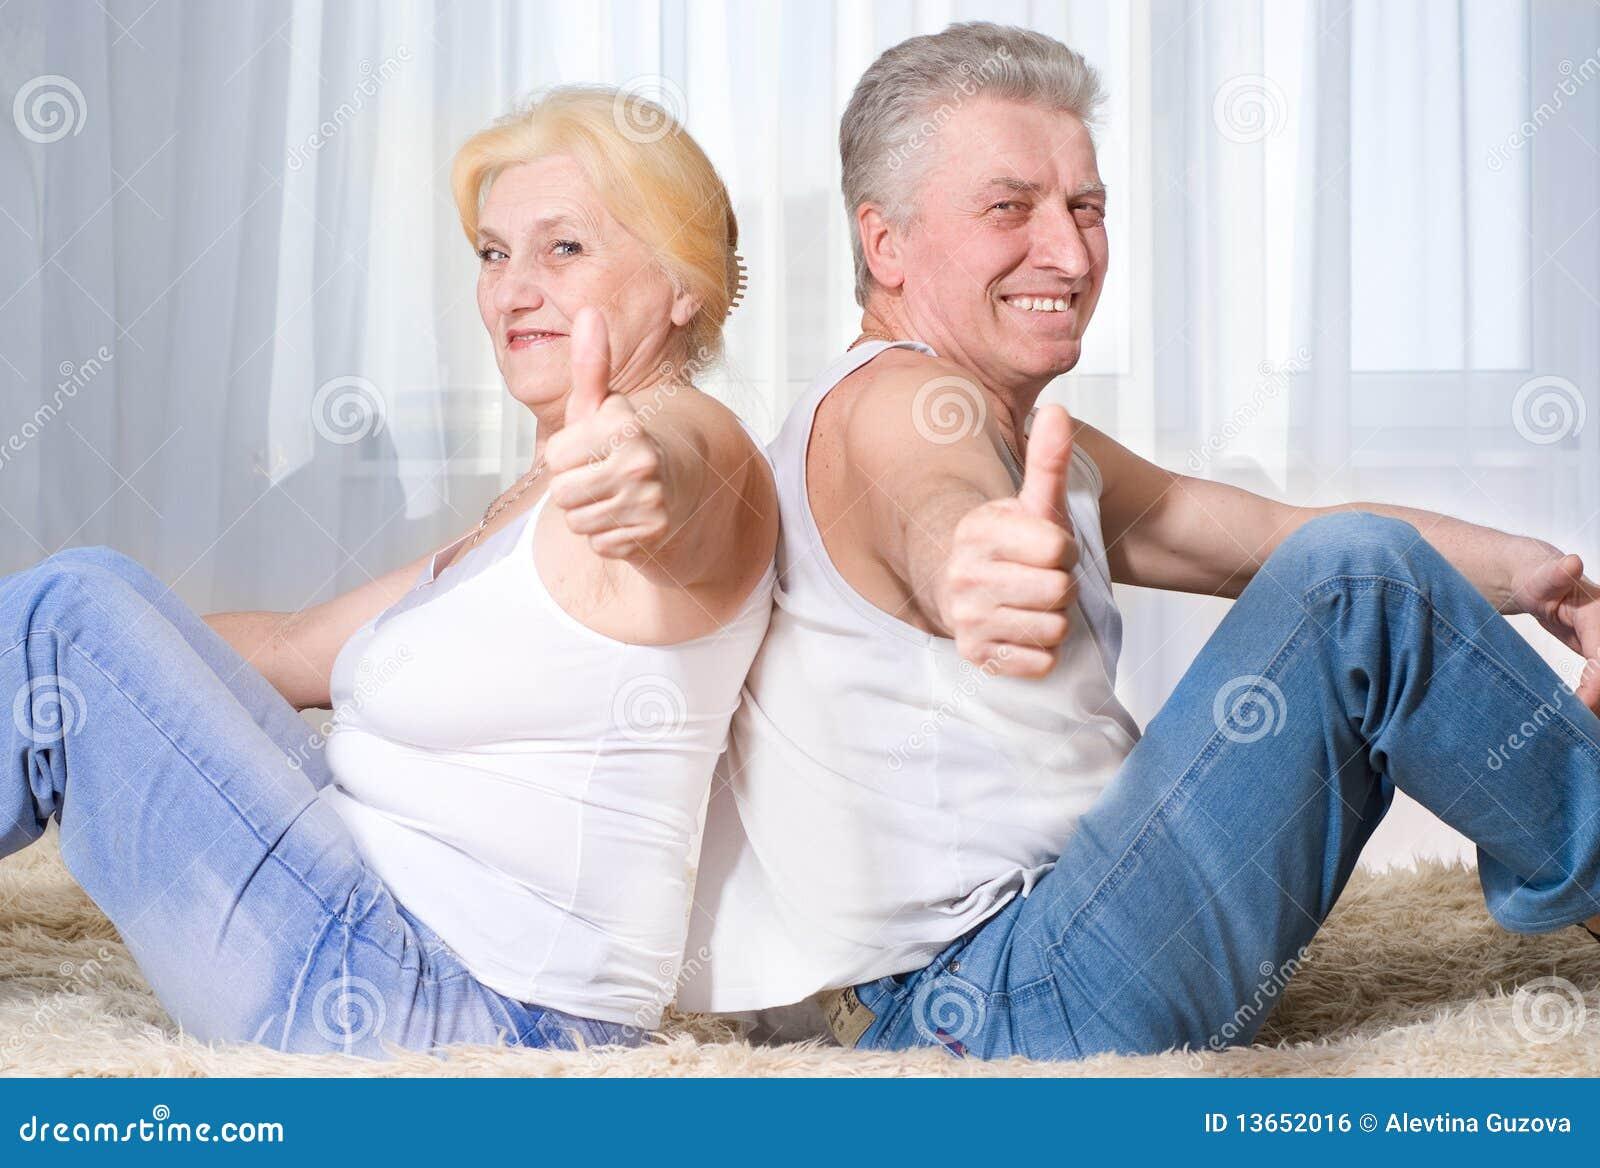 Русский секс тетки с племянником, Тетя и Племянник Порно и Секс Видео Смотреть Онлайн 26 фотография